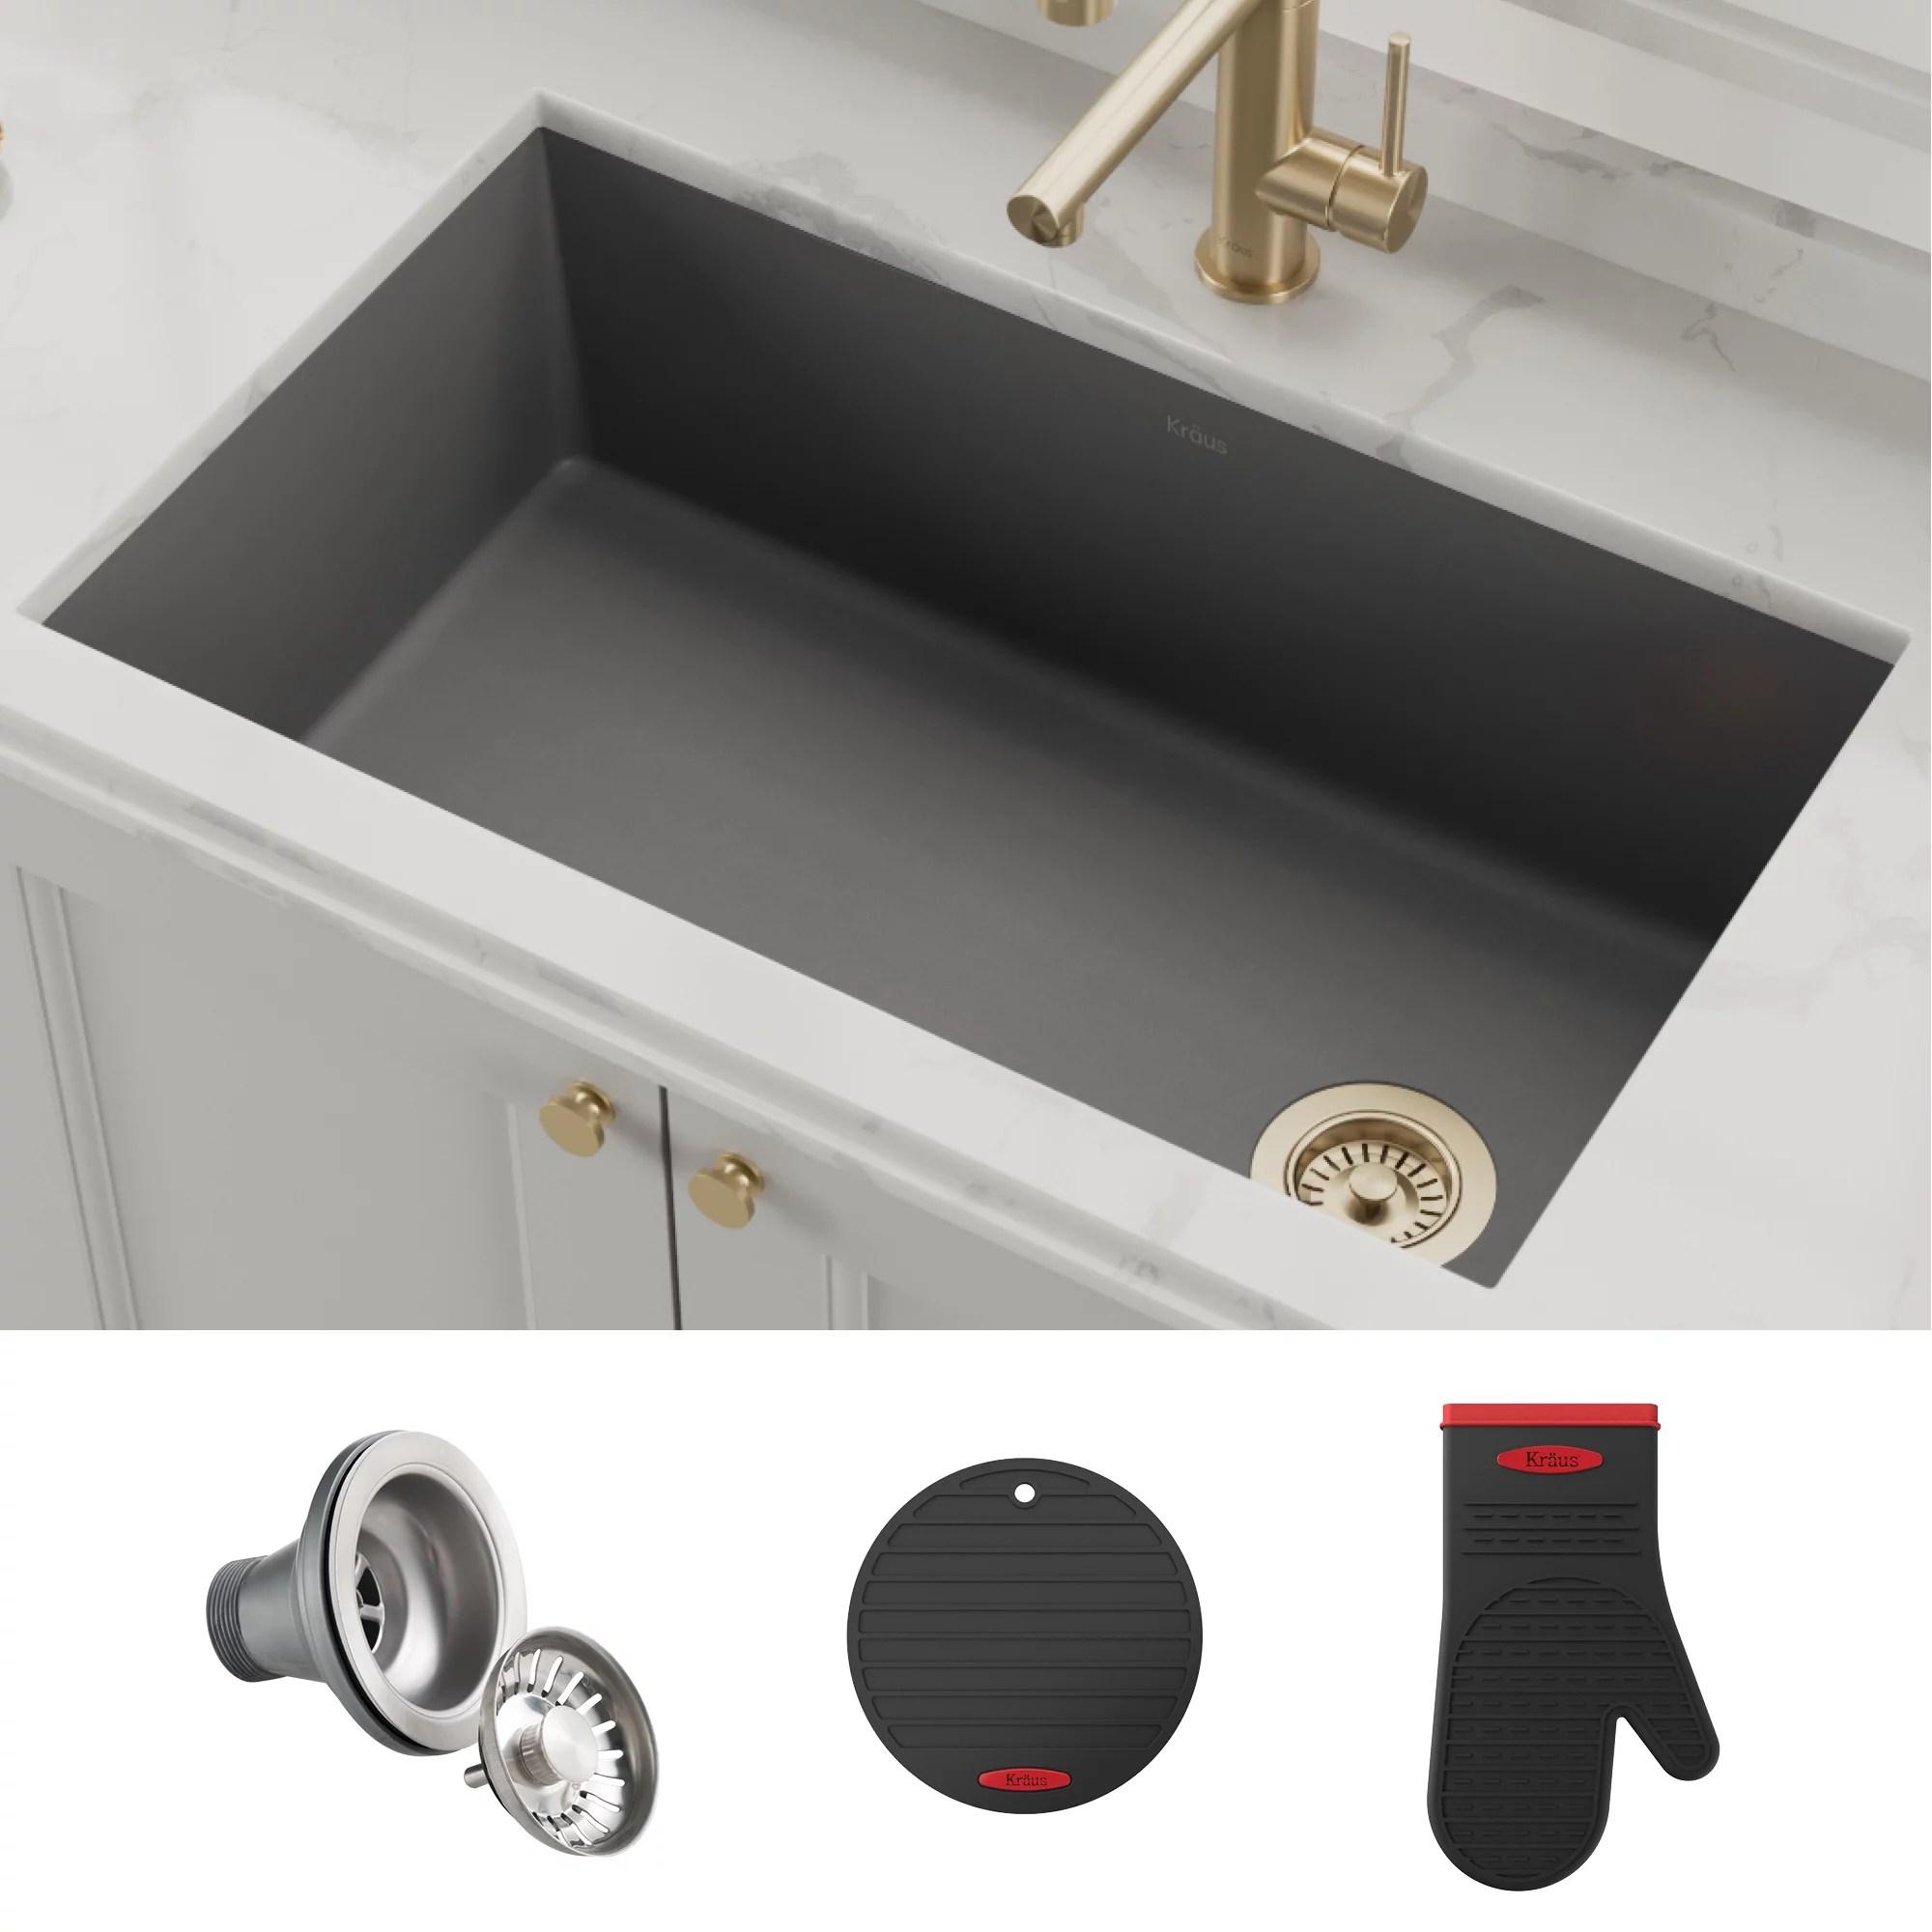 kraus forteza 32 undermount single bowl granite kitchen sink in grey walmart com